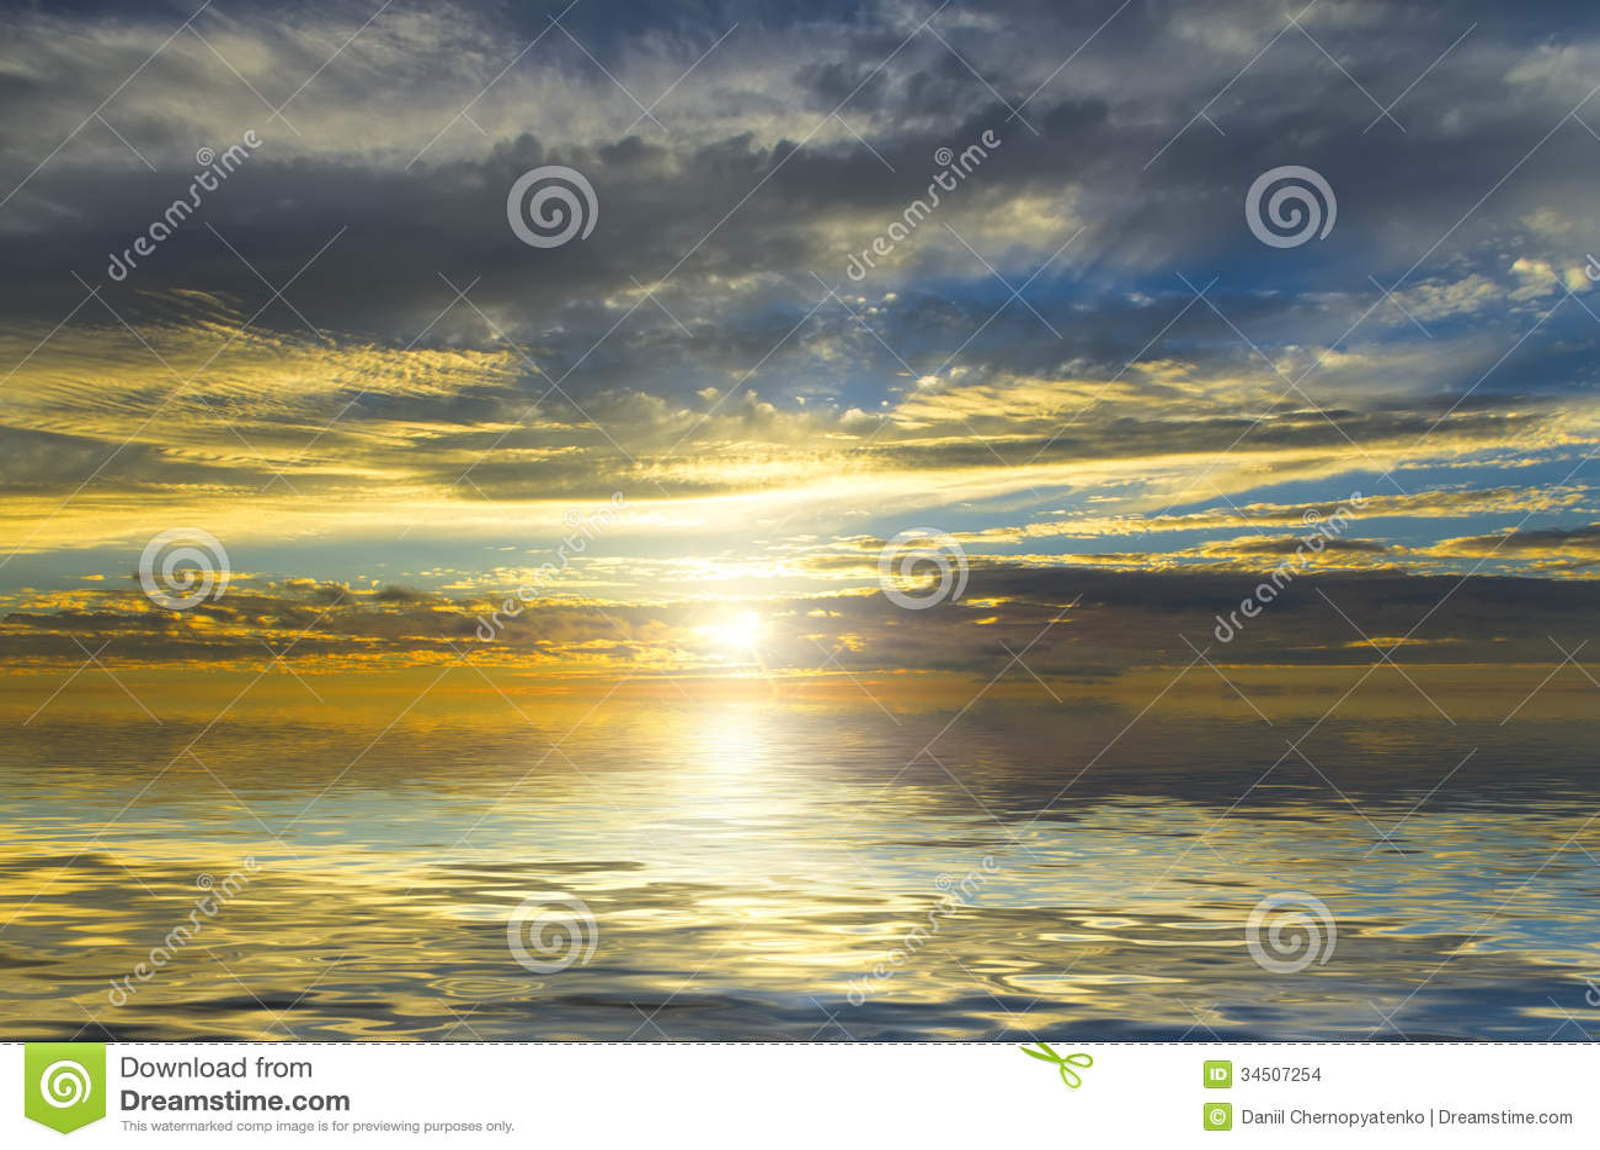 Erstaunliche Ansicht der Sonne, filternd durch die dunklen Wolken